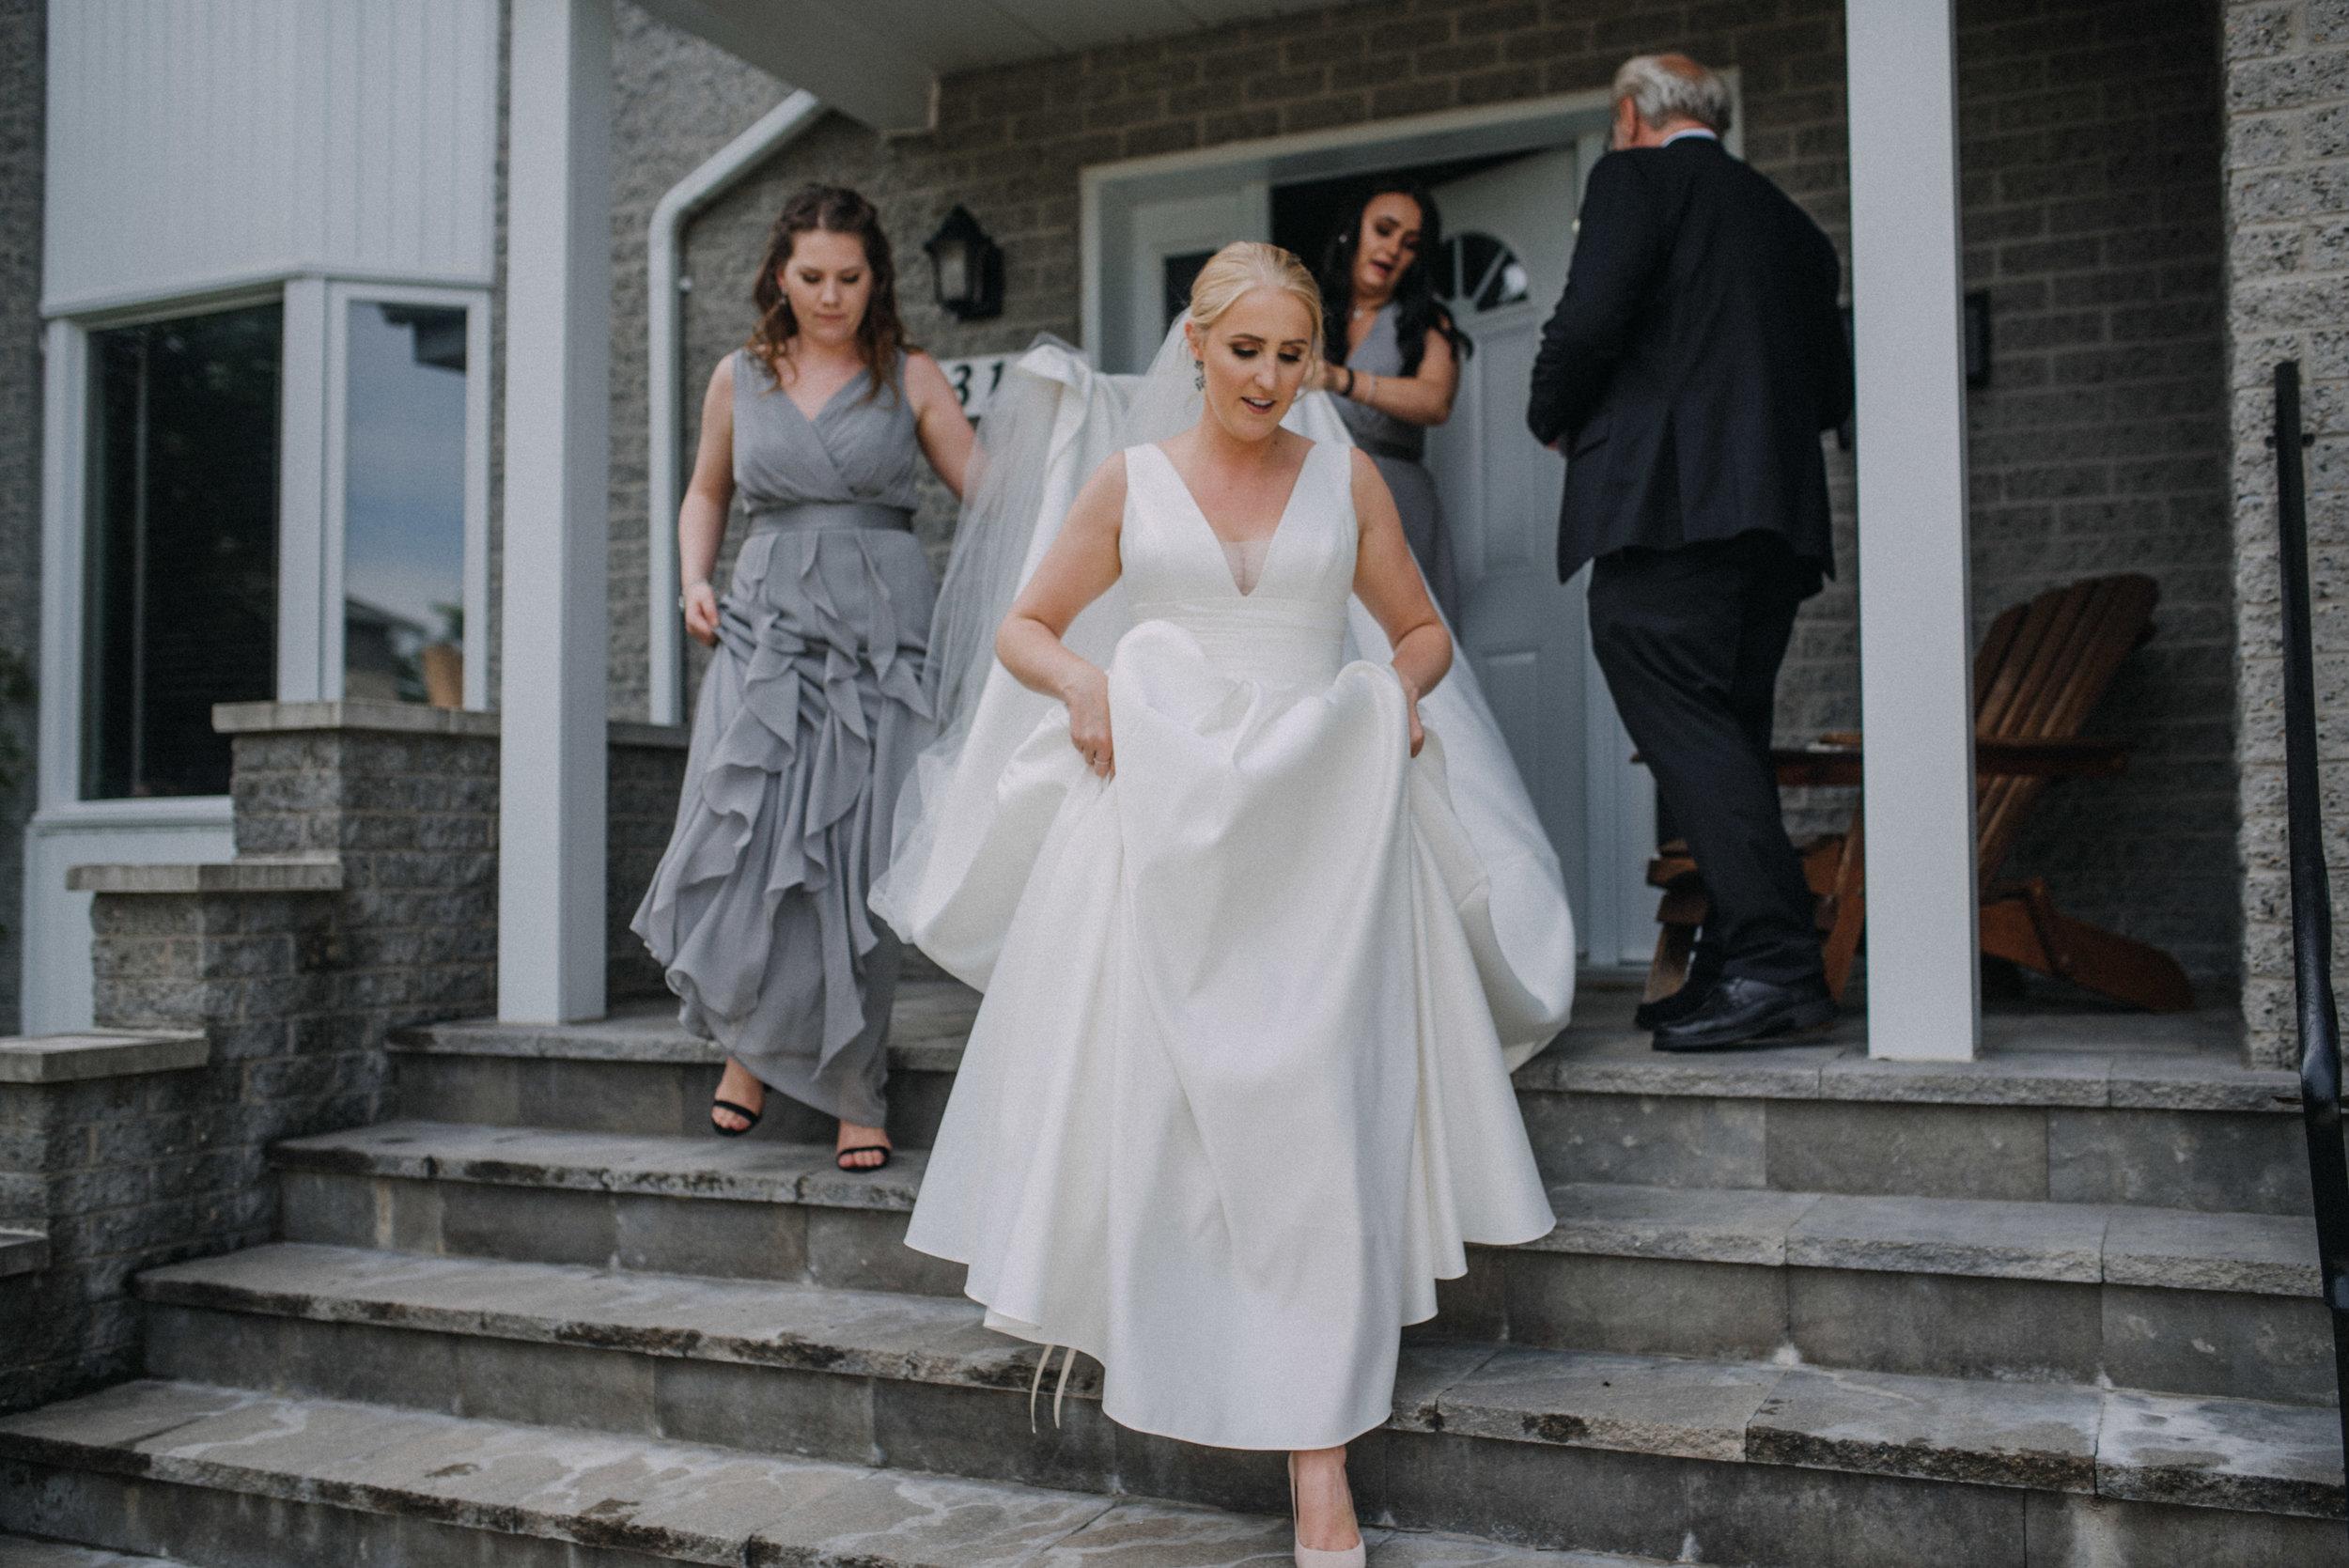 photographe_gatineau_mariage_ottawa_photographer_wedding_natasha_liard_photo_documentary_candid_lifestyle  (16).jpg